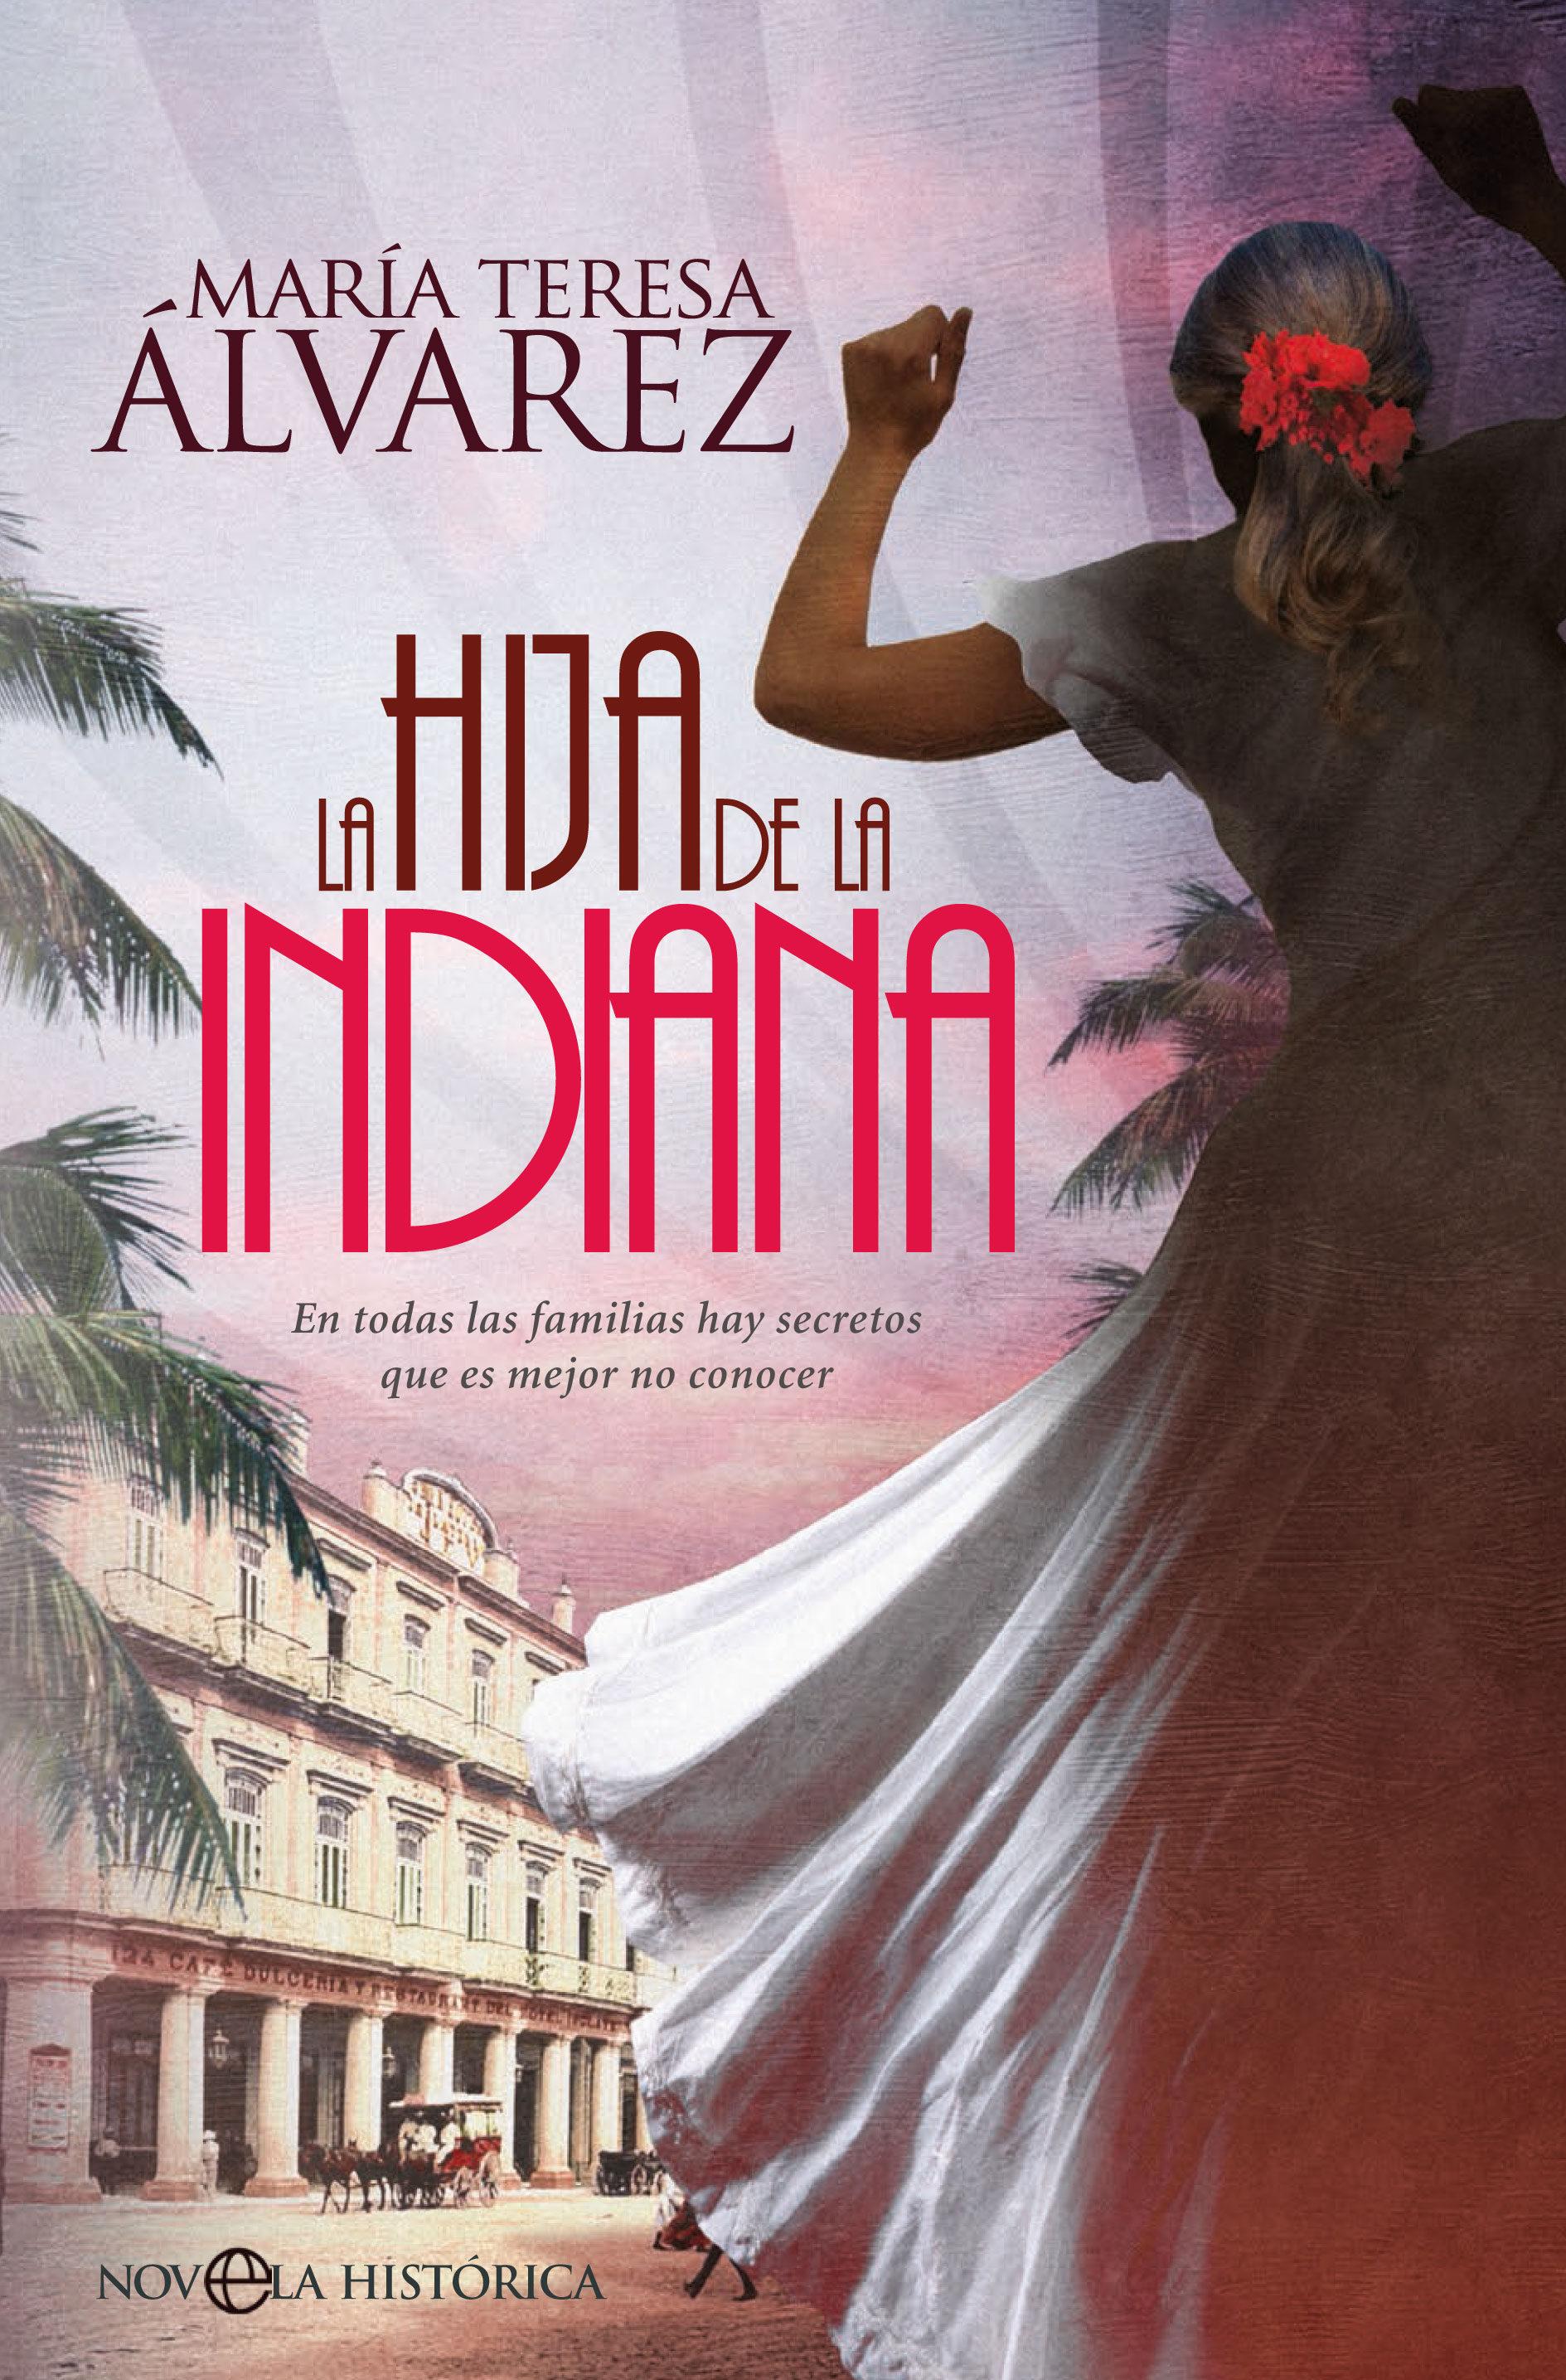 La hija de la indiana (ebook)